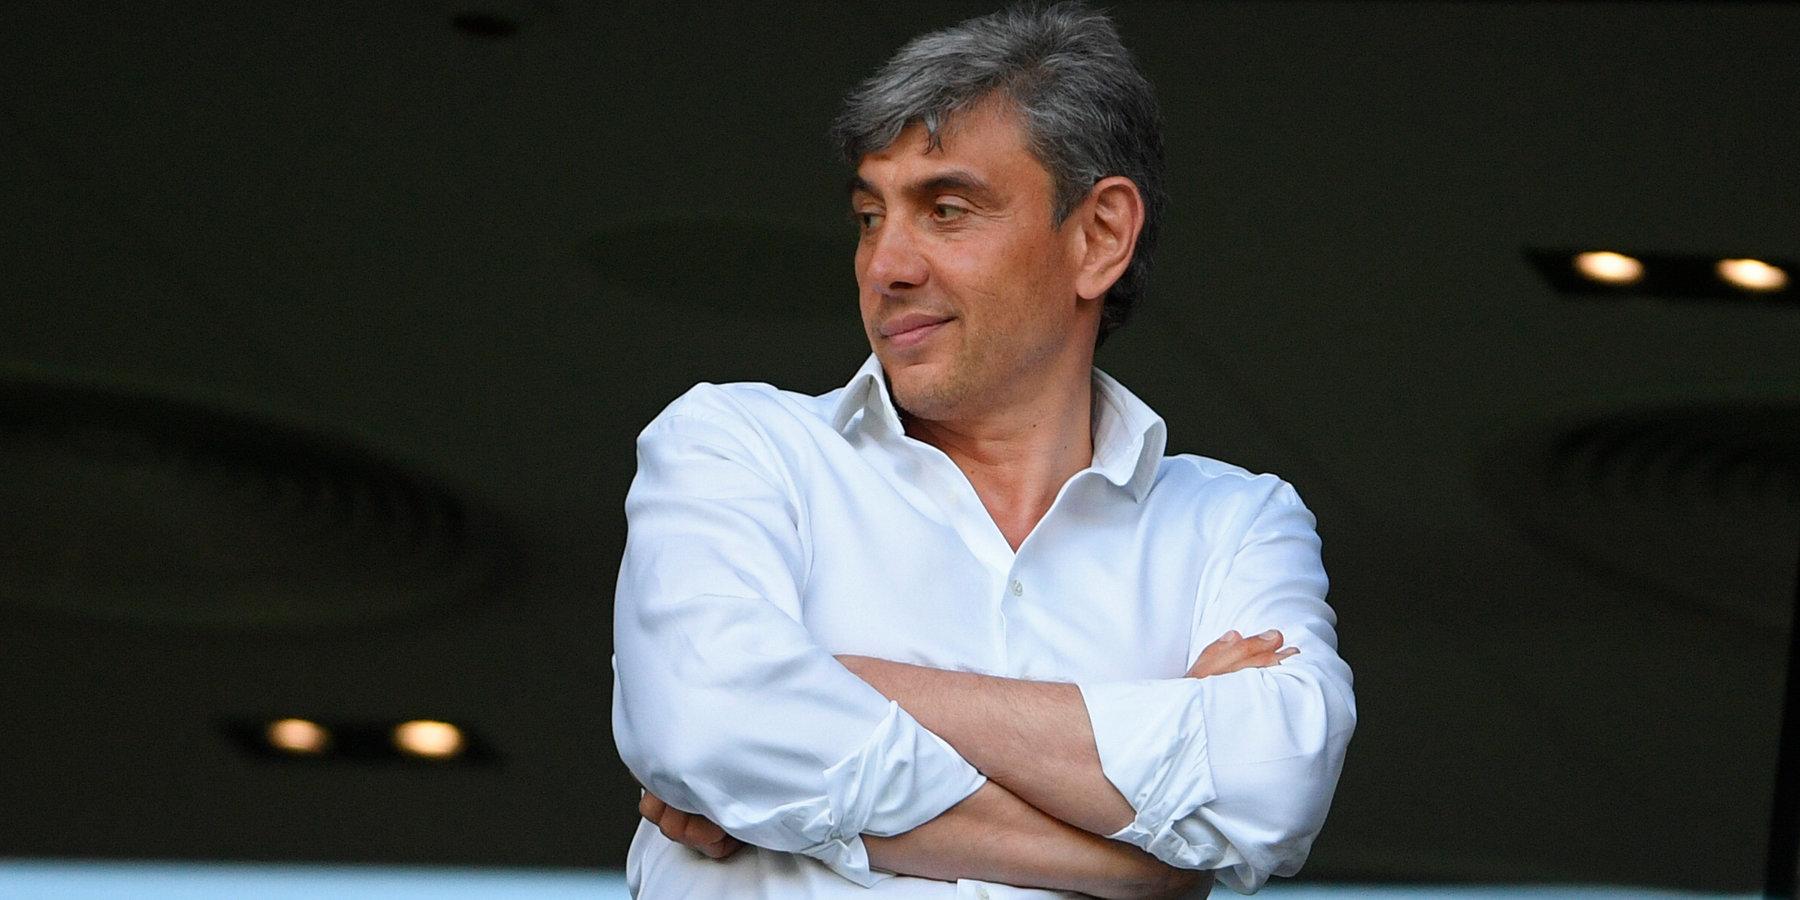 Галицкий отреагировал на выход «Краснодара» в раунд плей-офф ЛЧ двумя скобками